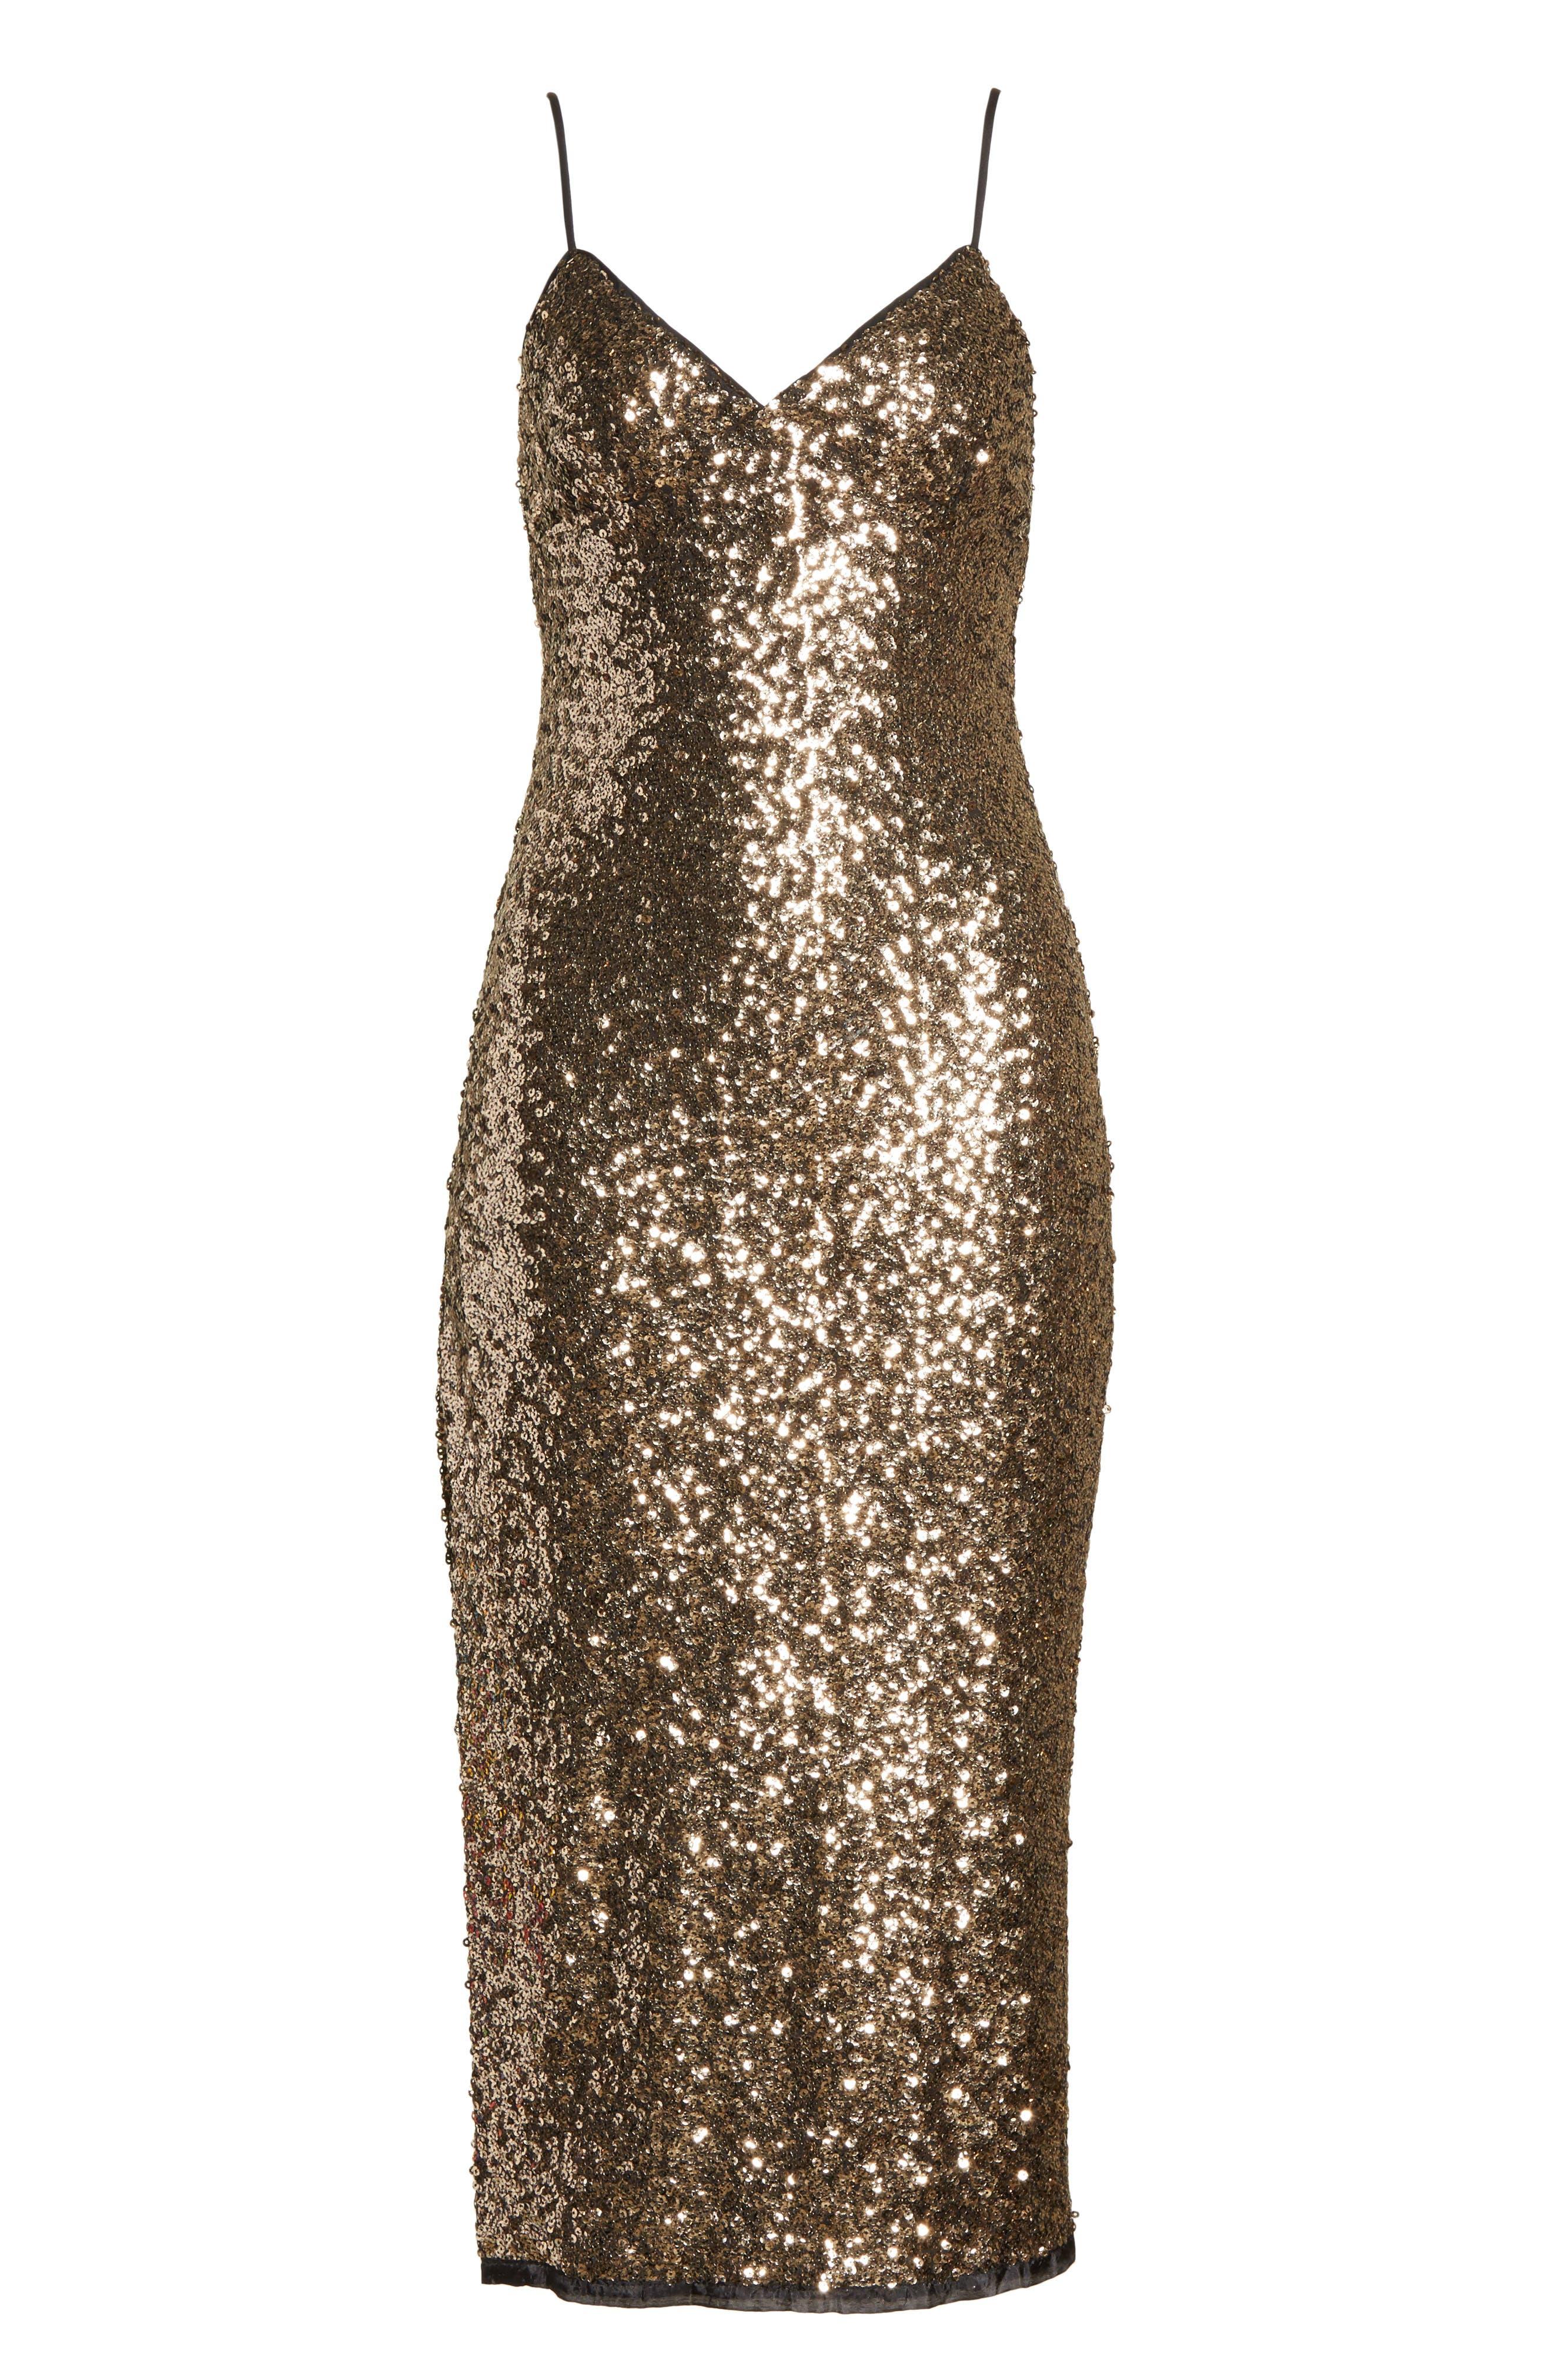 Alexis Sequin Camisole Dress,                             Alternate thumbnail 6, color,                             Antique Gold